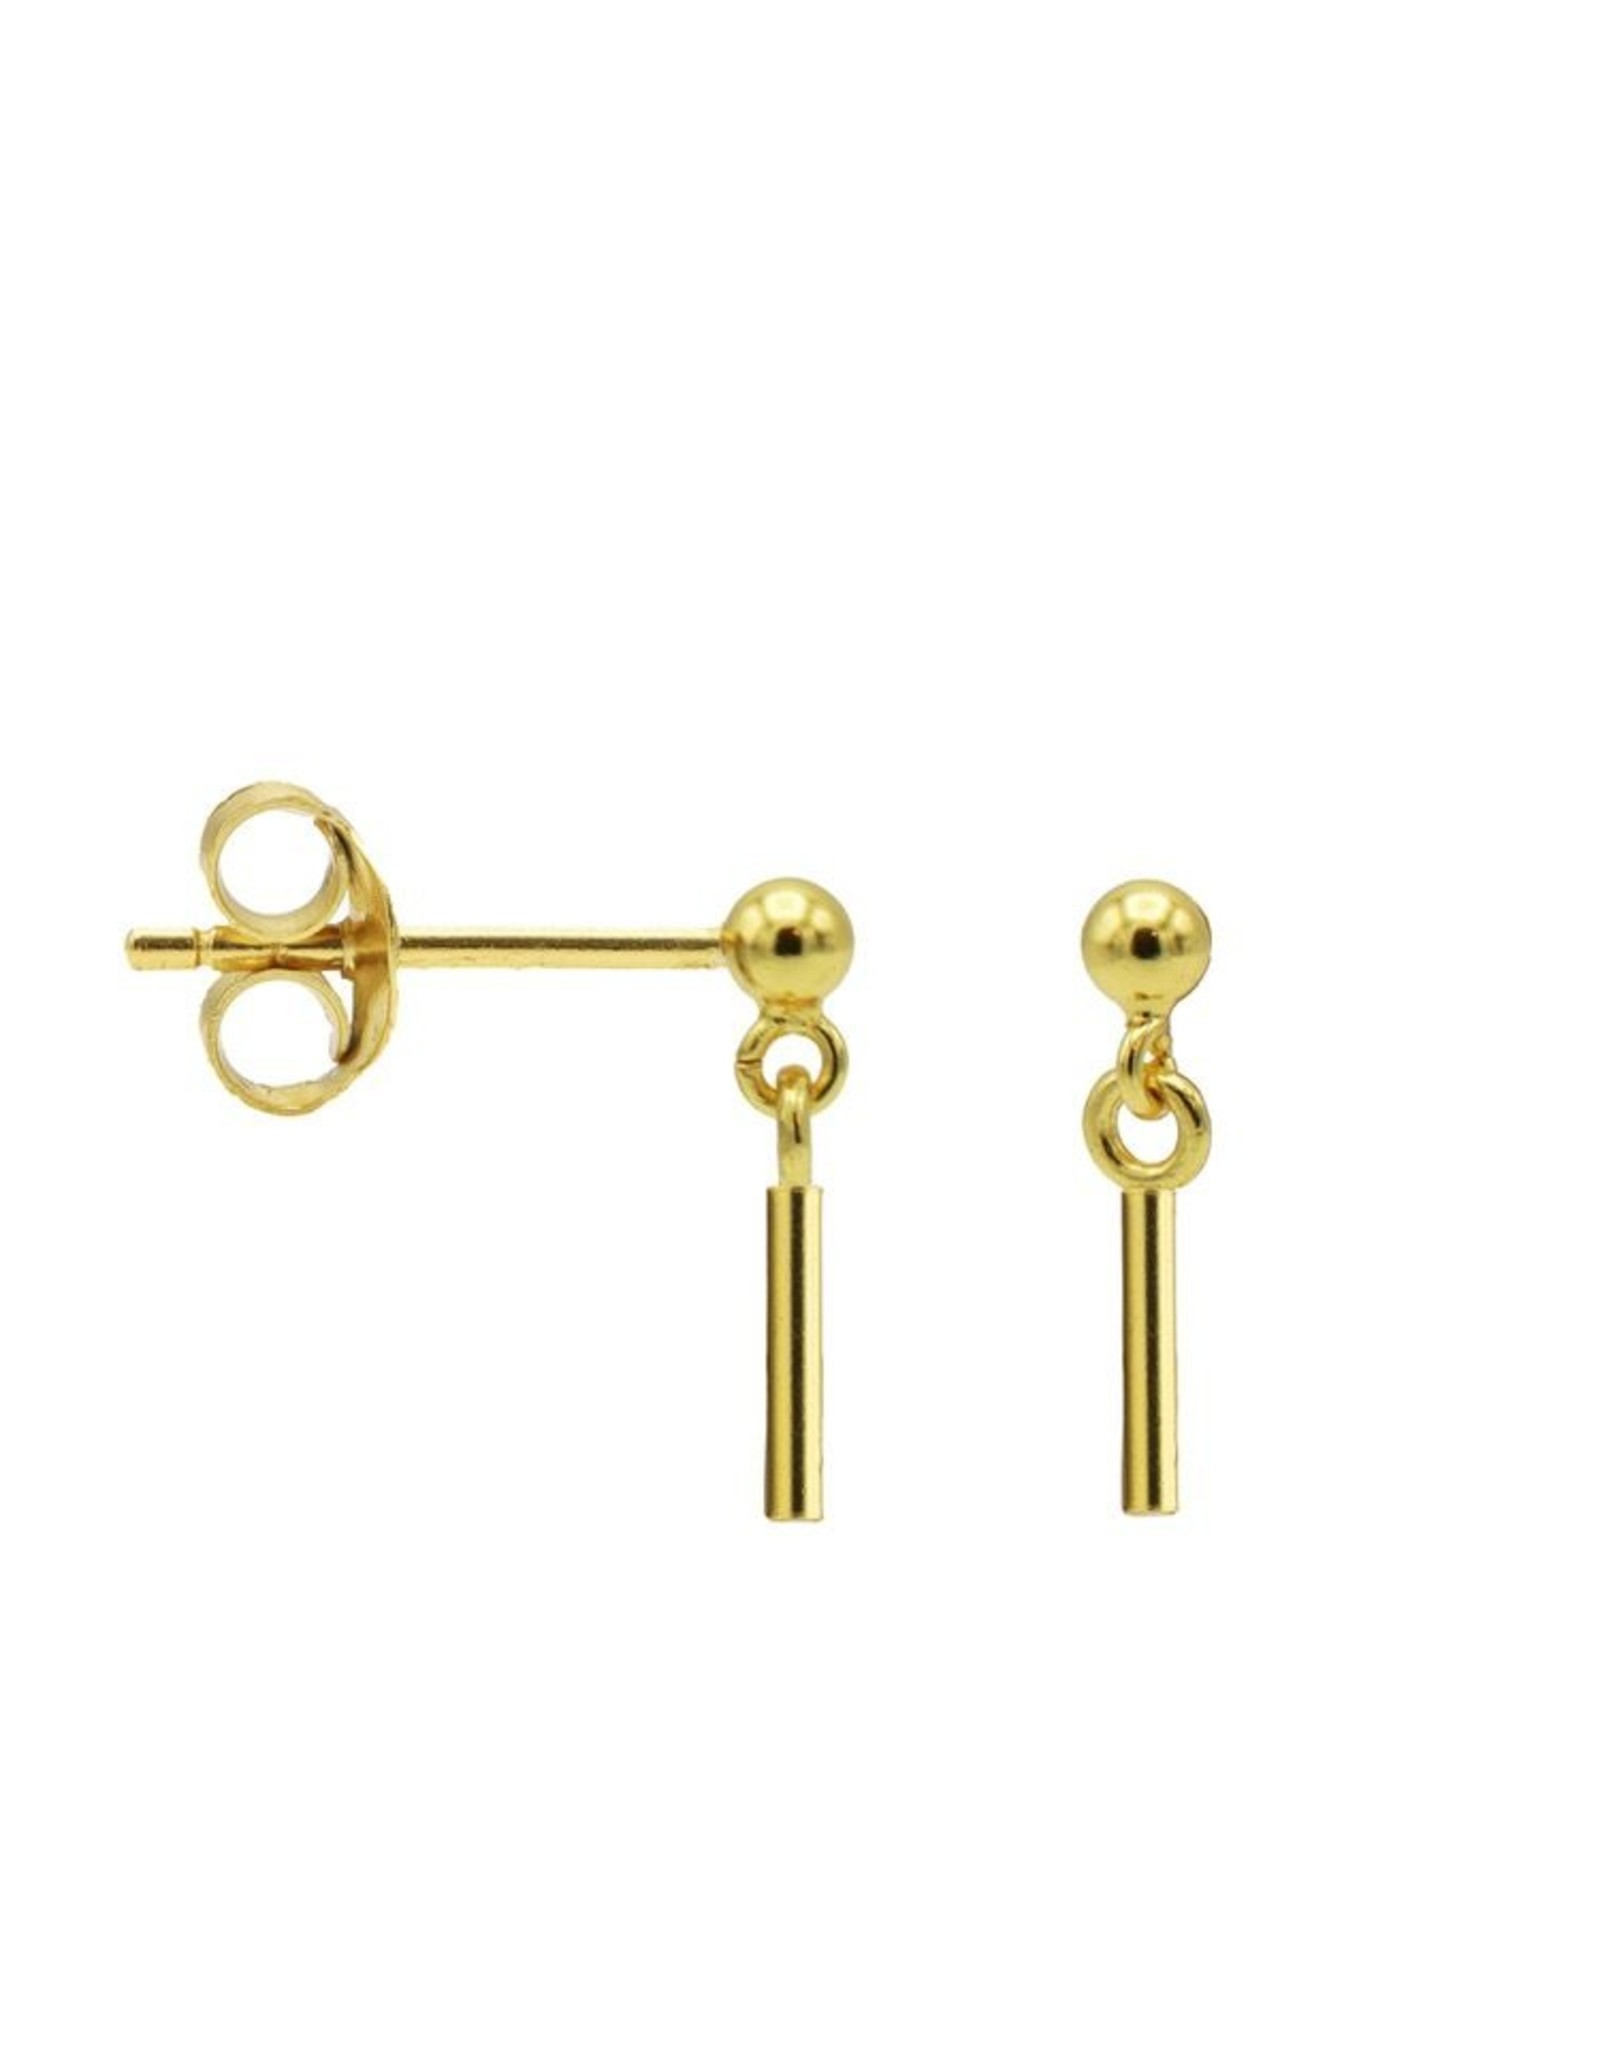 Karma Hanging Symbols Round Tube Goldplated Set